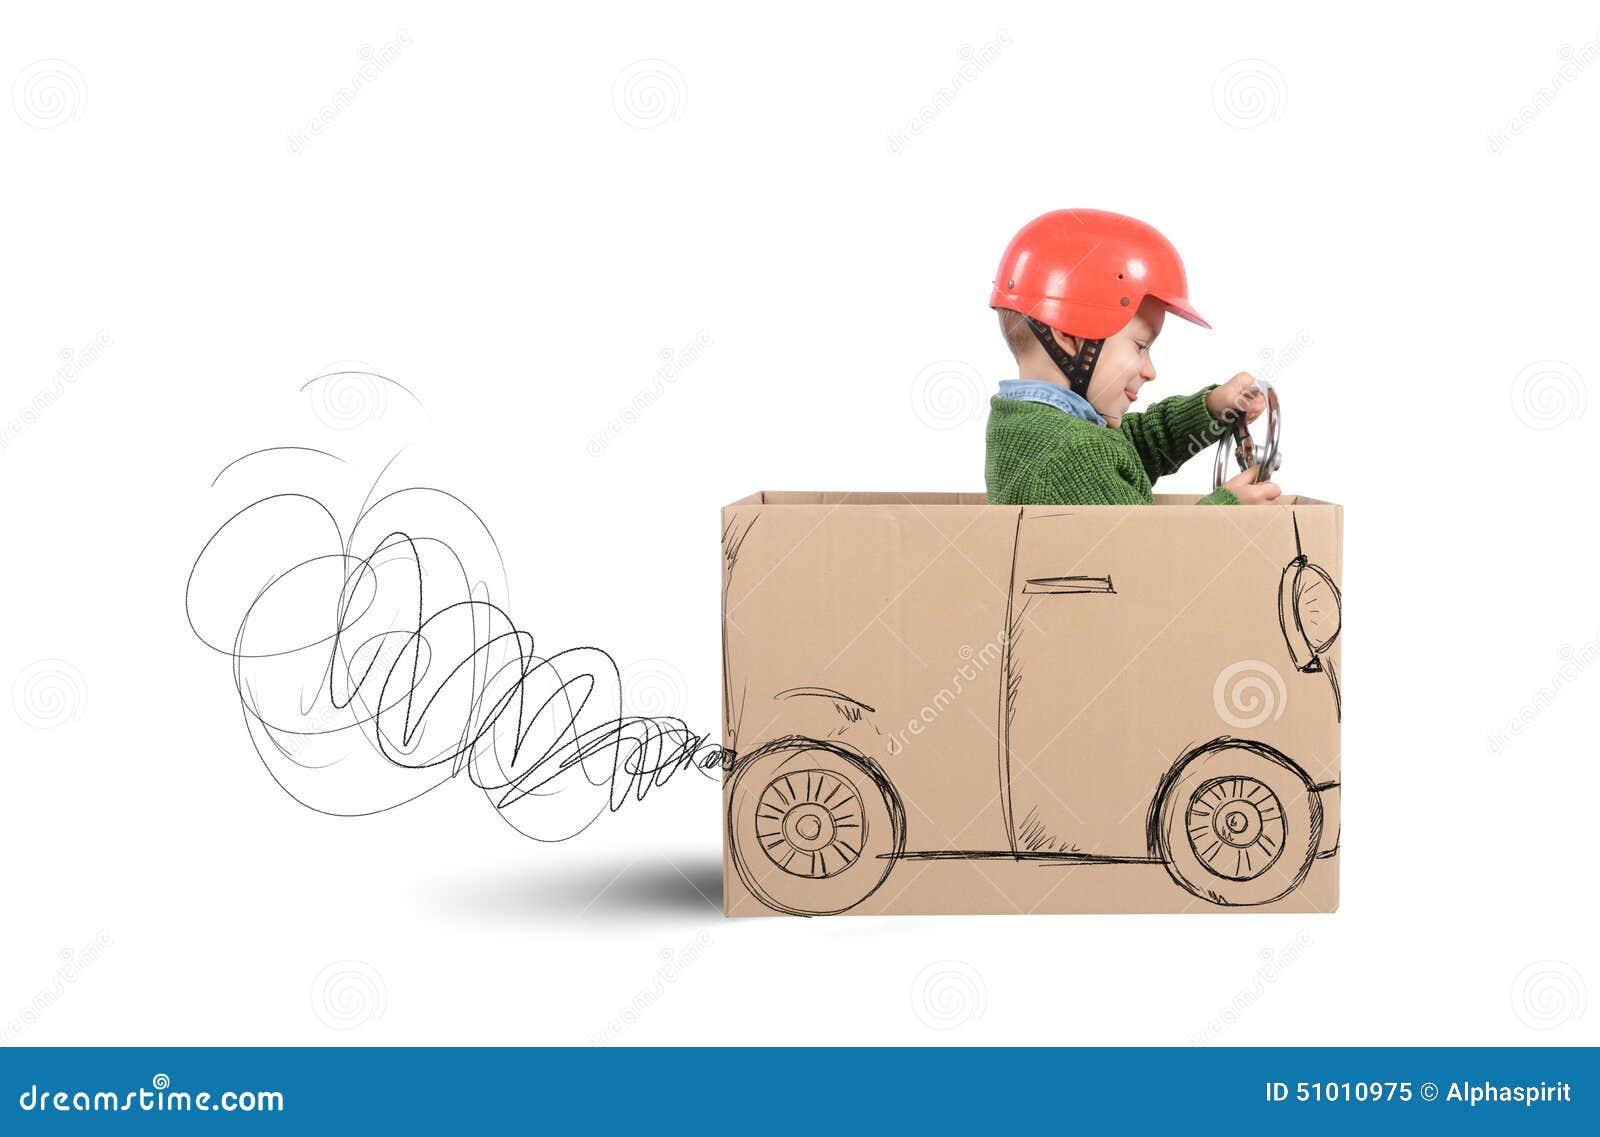 voiture de carton image stock image du joie lecteur. Black Bedroom Furniture Sets. Home Design Ideas